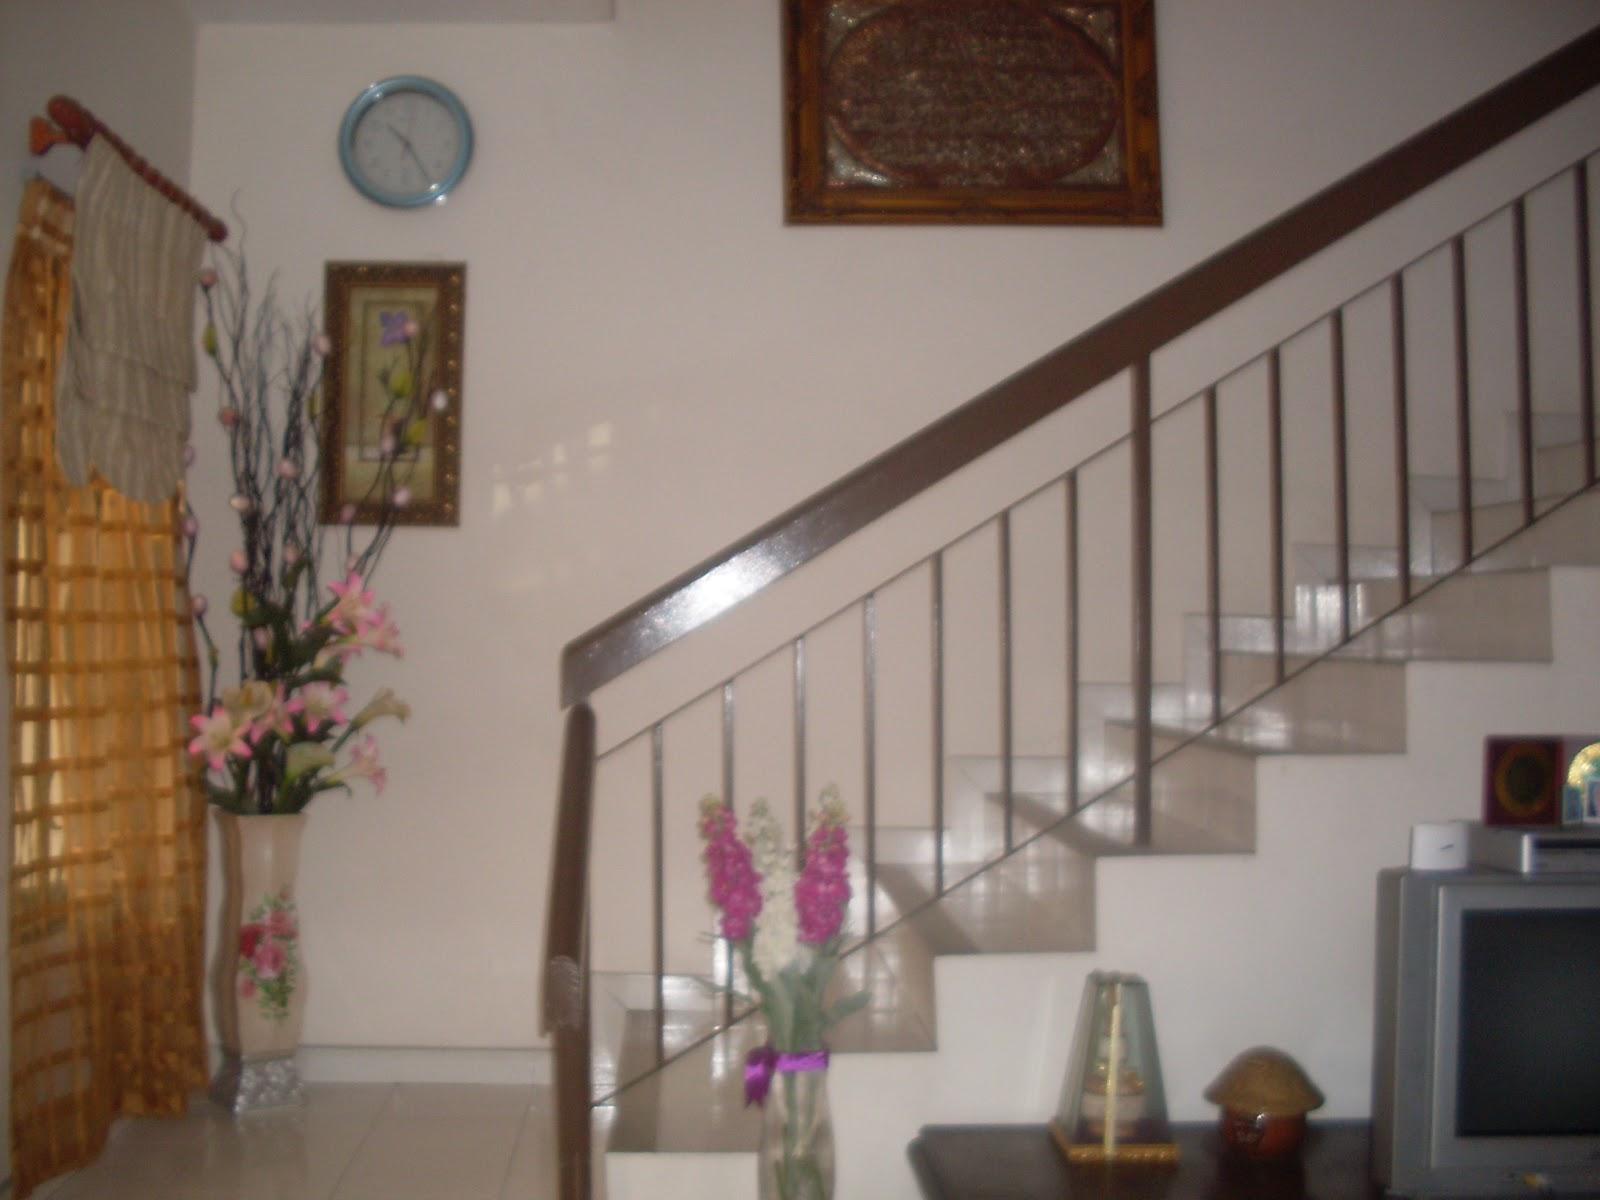 Ruang sekitar tangga di letakkan sepasu bunga dan ada bunga lavender ...